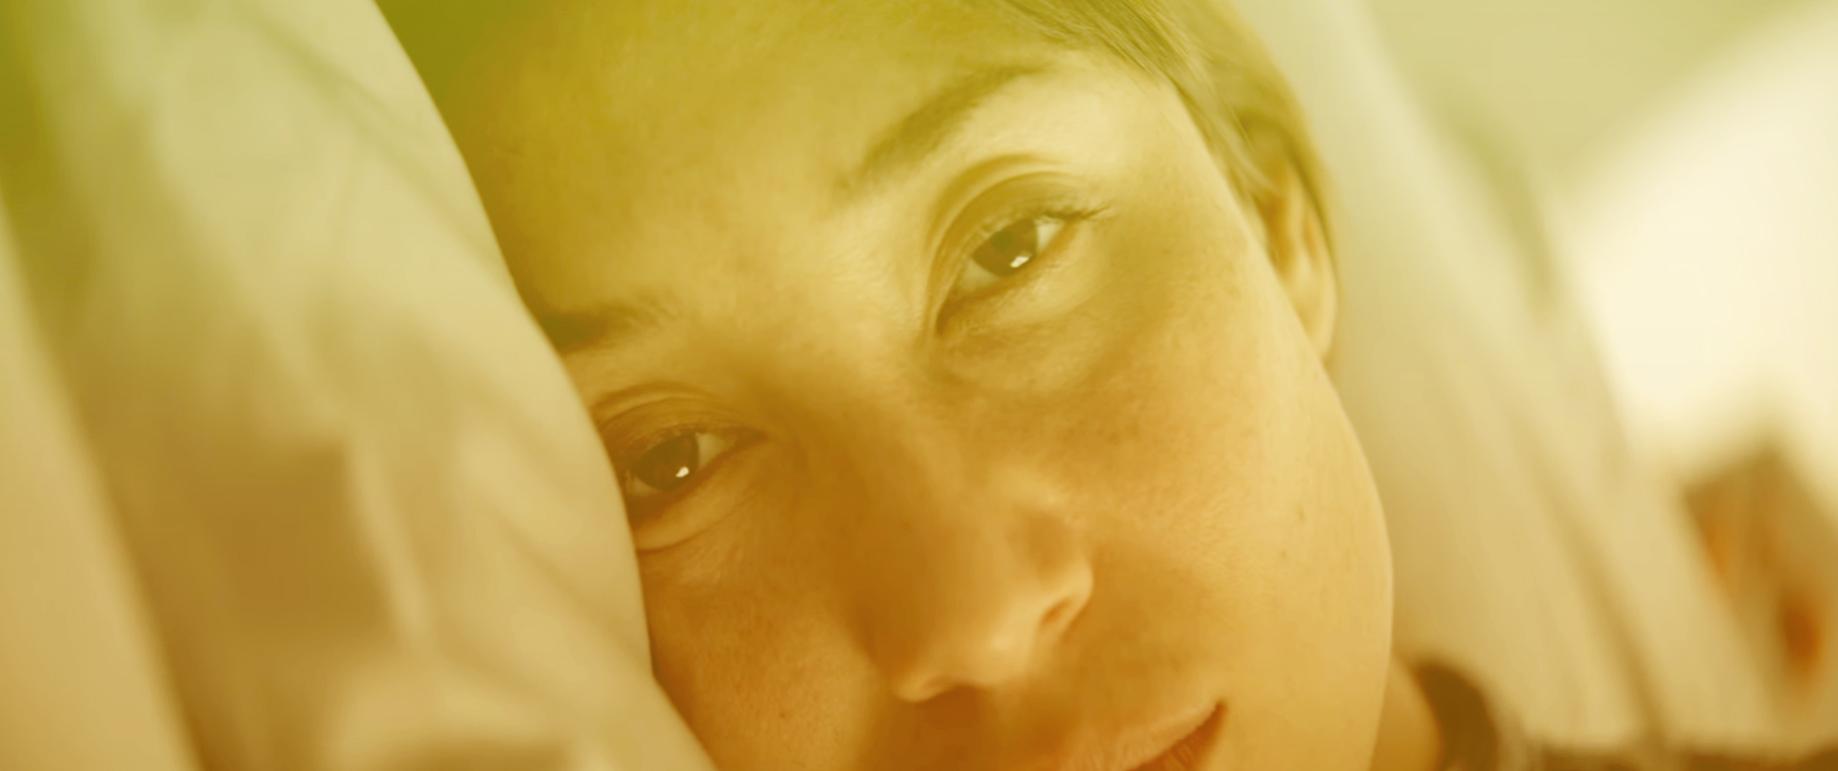 Blind Devotion • Short Film - ASSISTANT DIRECTOR